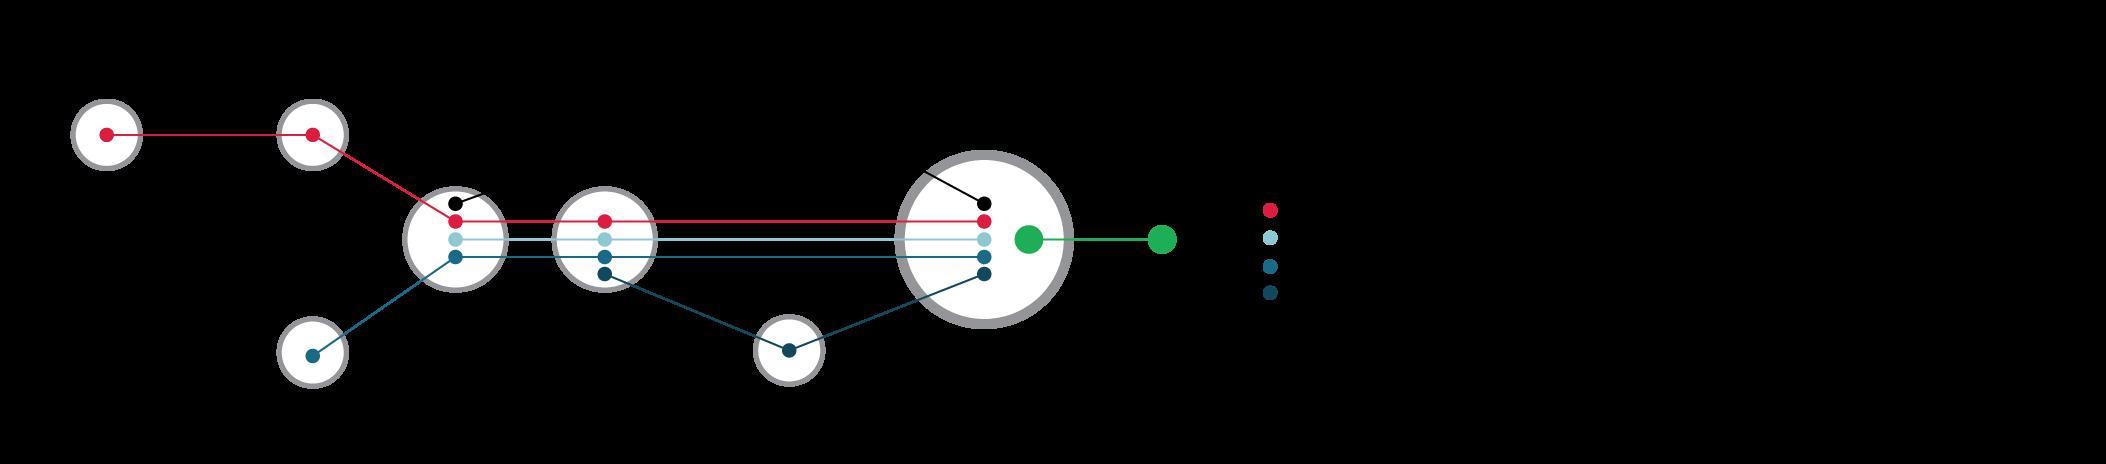 Схематическое изображение линий гранулирования на базе пресса ОГМ